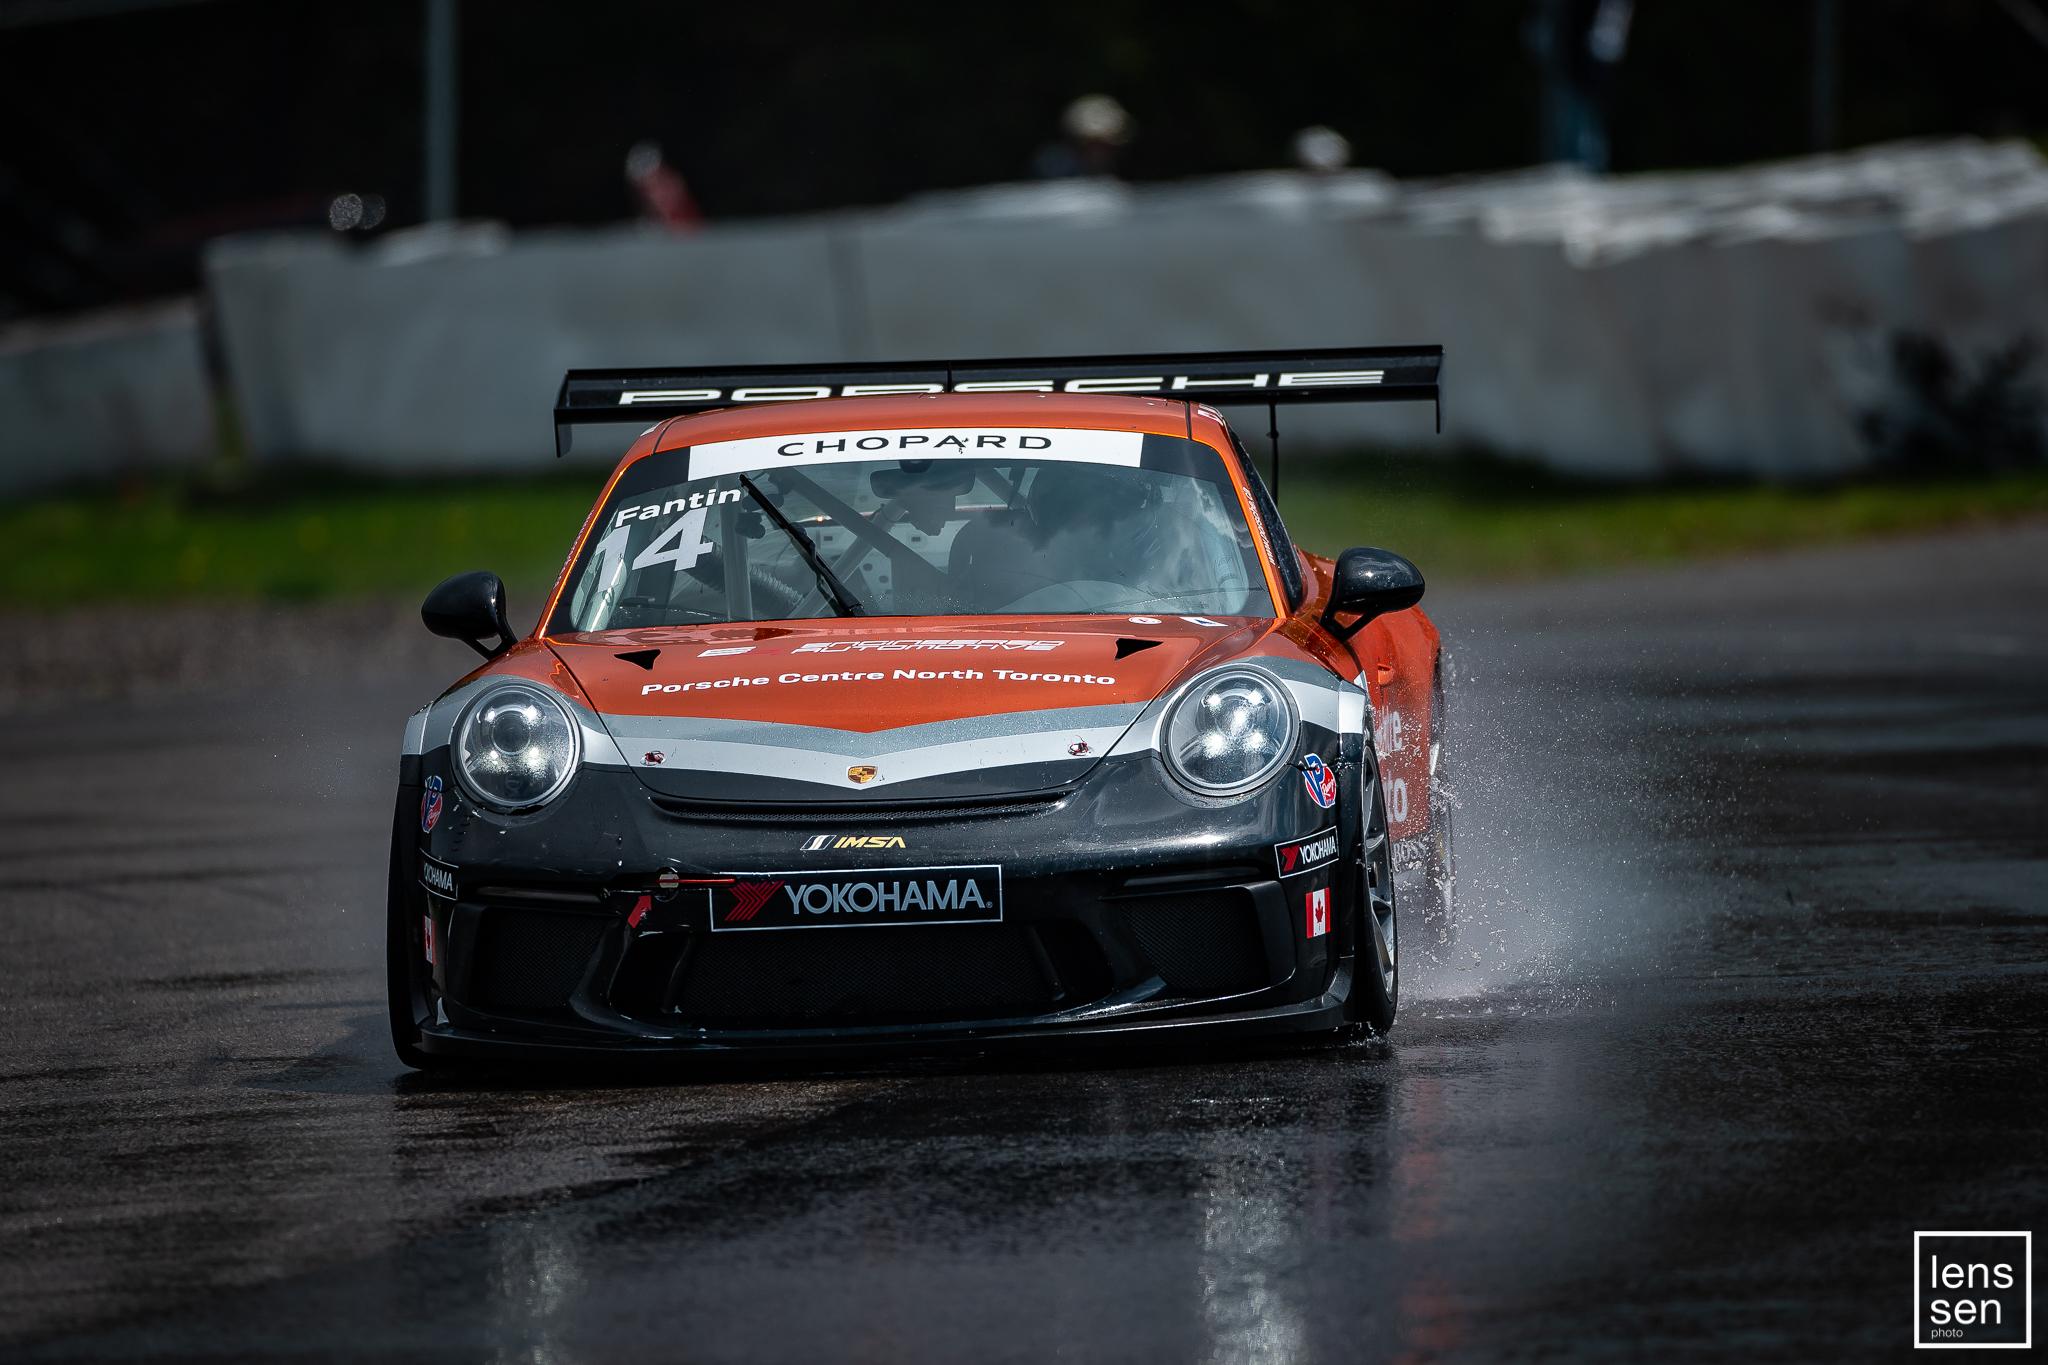 Porsche GT3 Cup Challenge Canada - 052019 - CTMP Mosport VDS 2019 - Lenssen Photo - 249 -0495.jpg